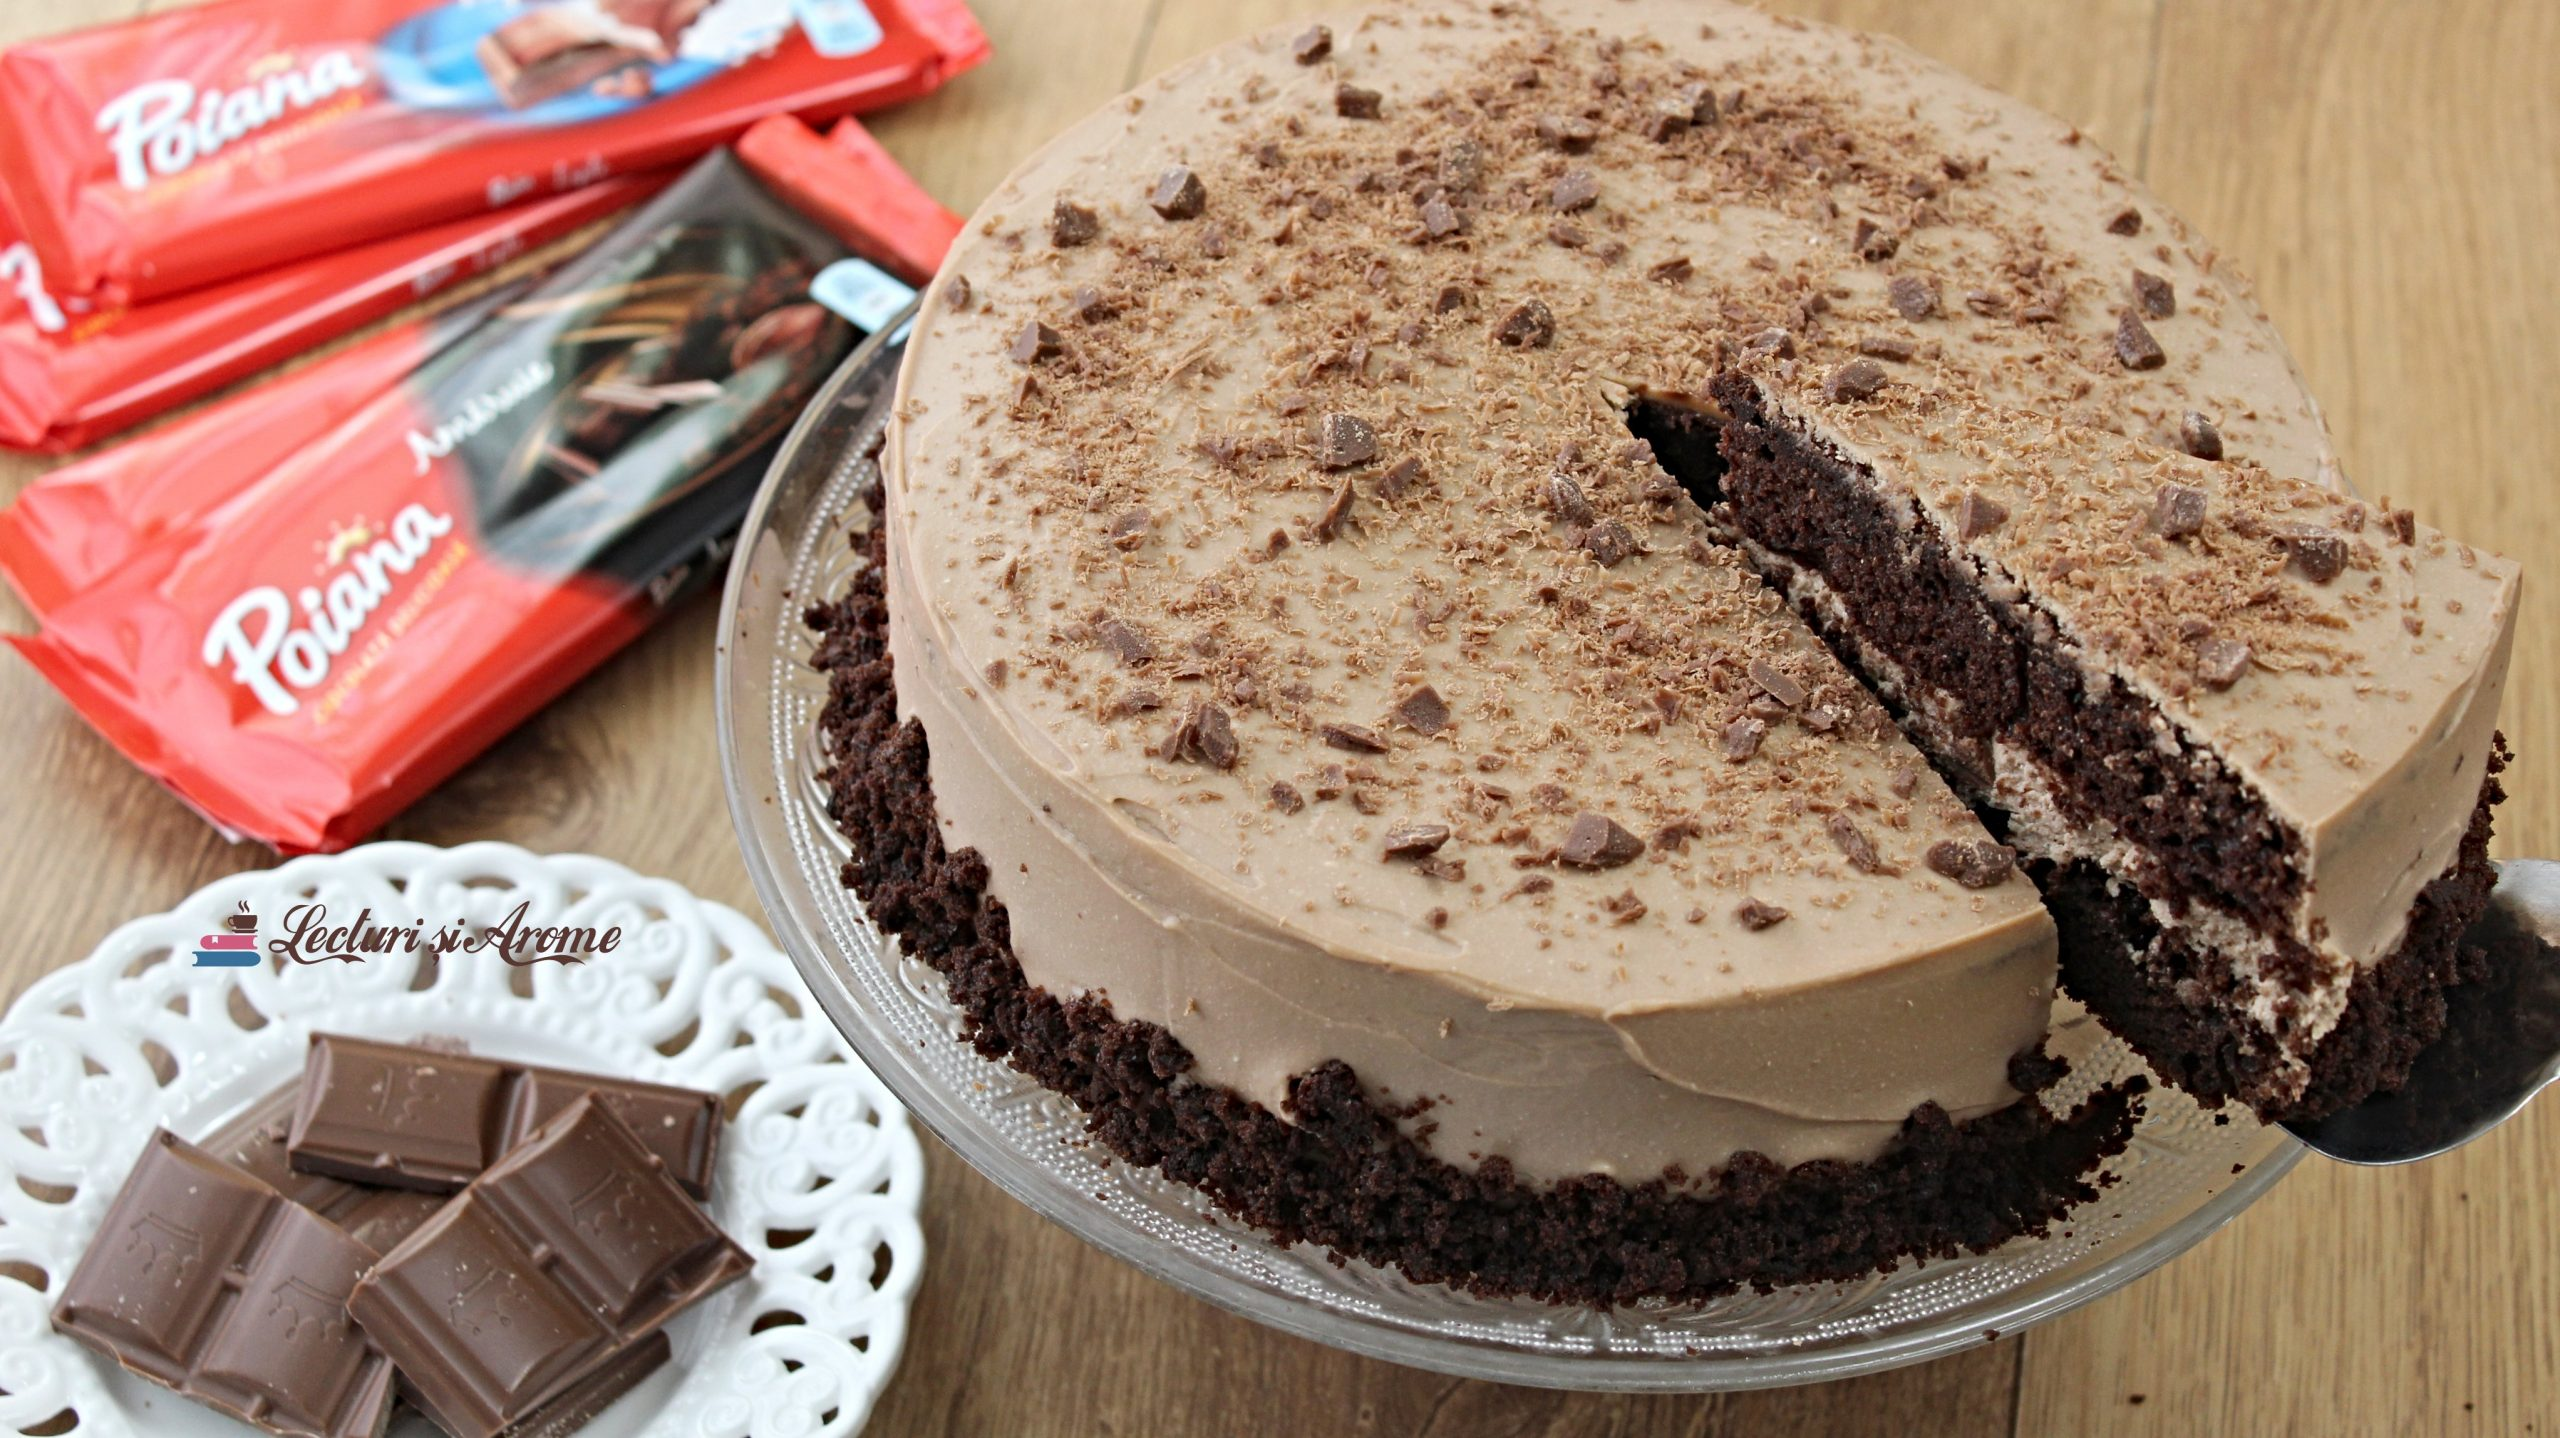 tort poiana cu ciocolată amăruie